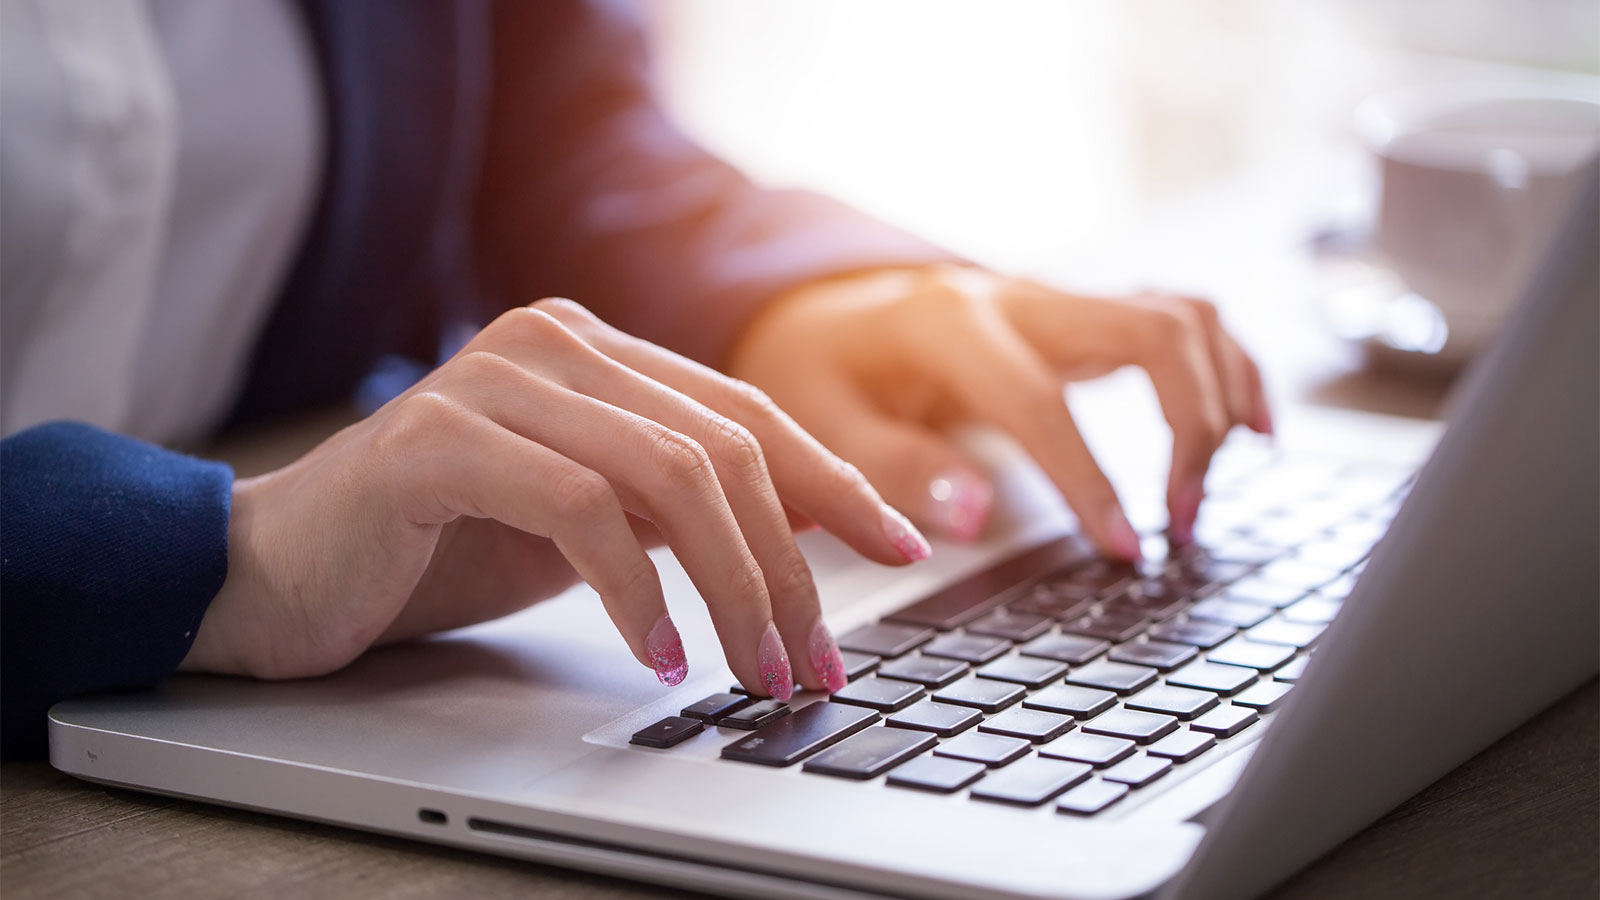 خطوات في إنشاء حساب هوتميل جديد بالعربي